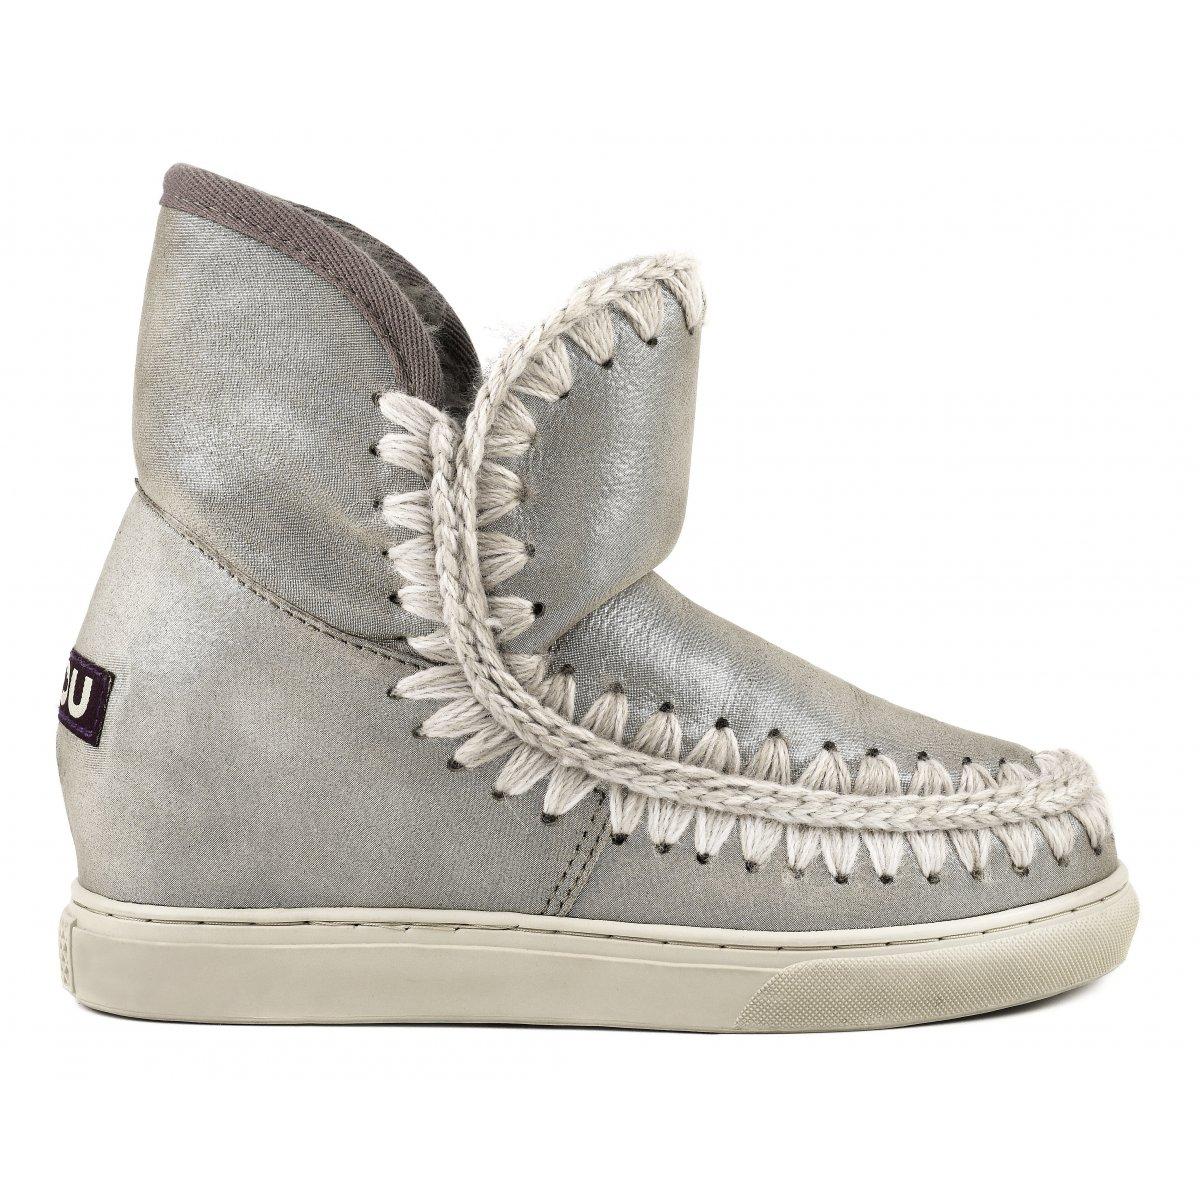 530de48b566 inner wedge sneaker - inner wedge mou women fall winter